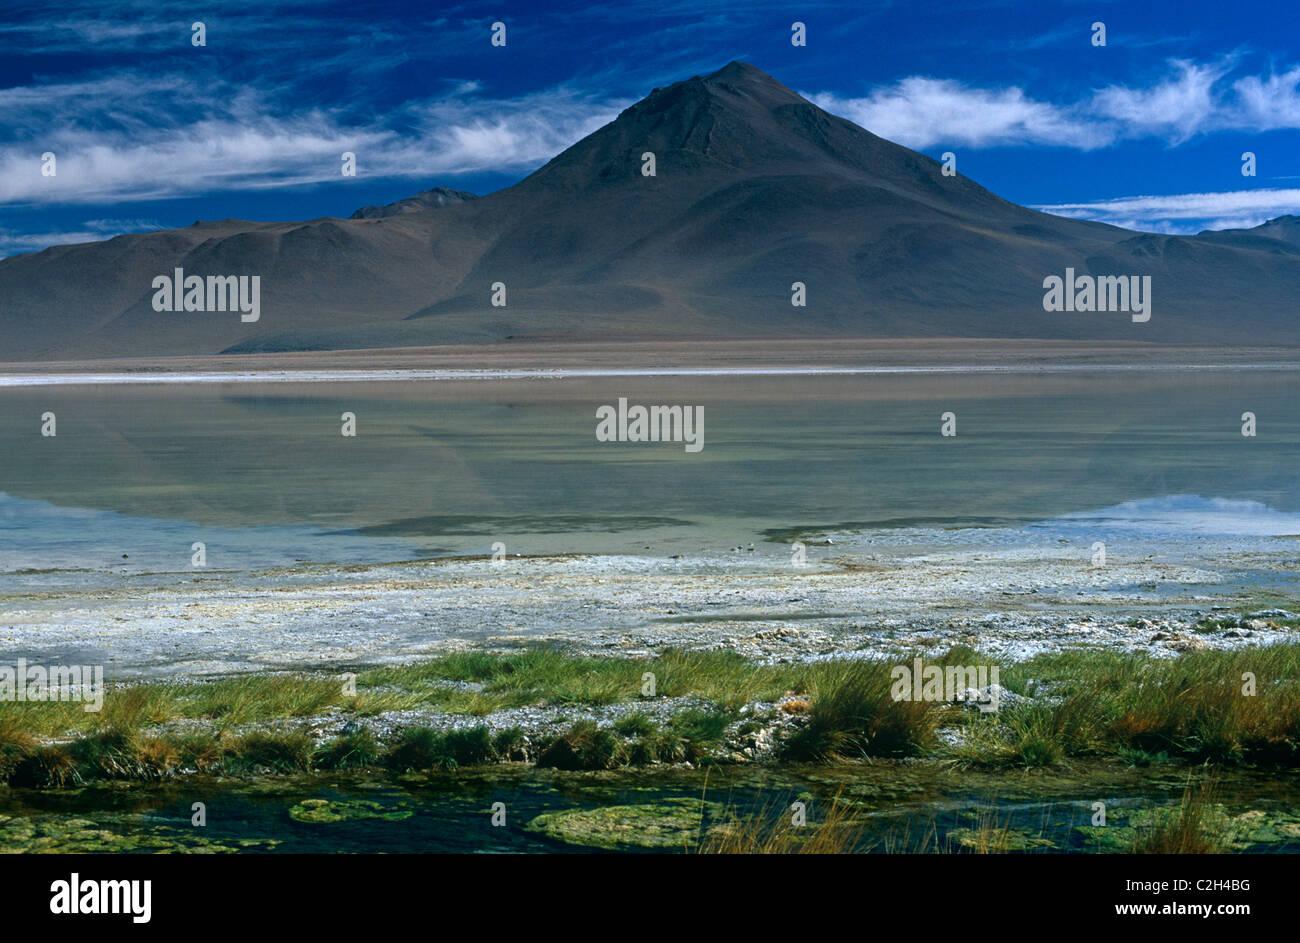 Salar De Uyuni Altiplano Bolivia - Stock Image